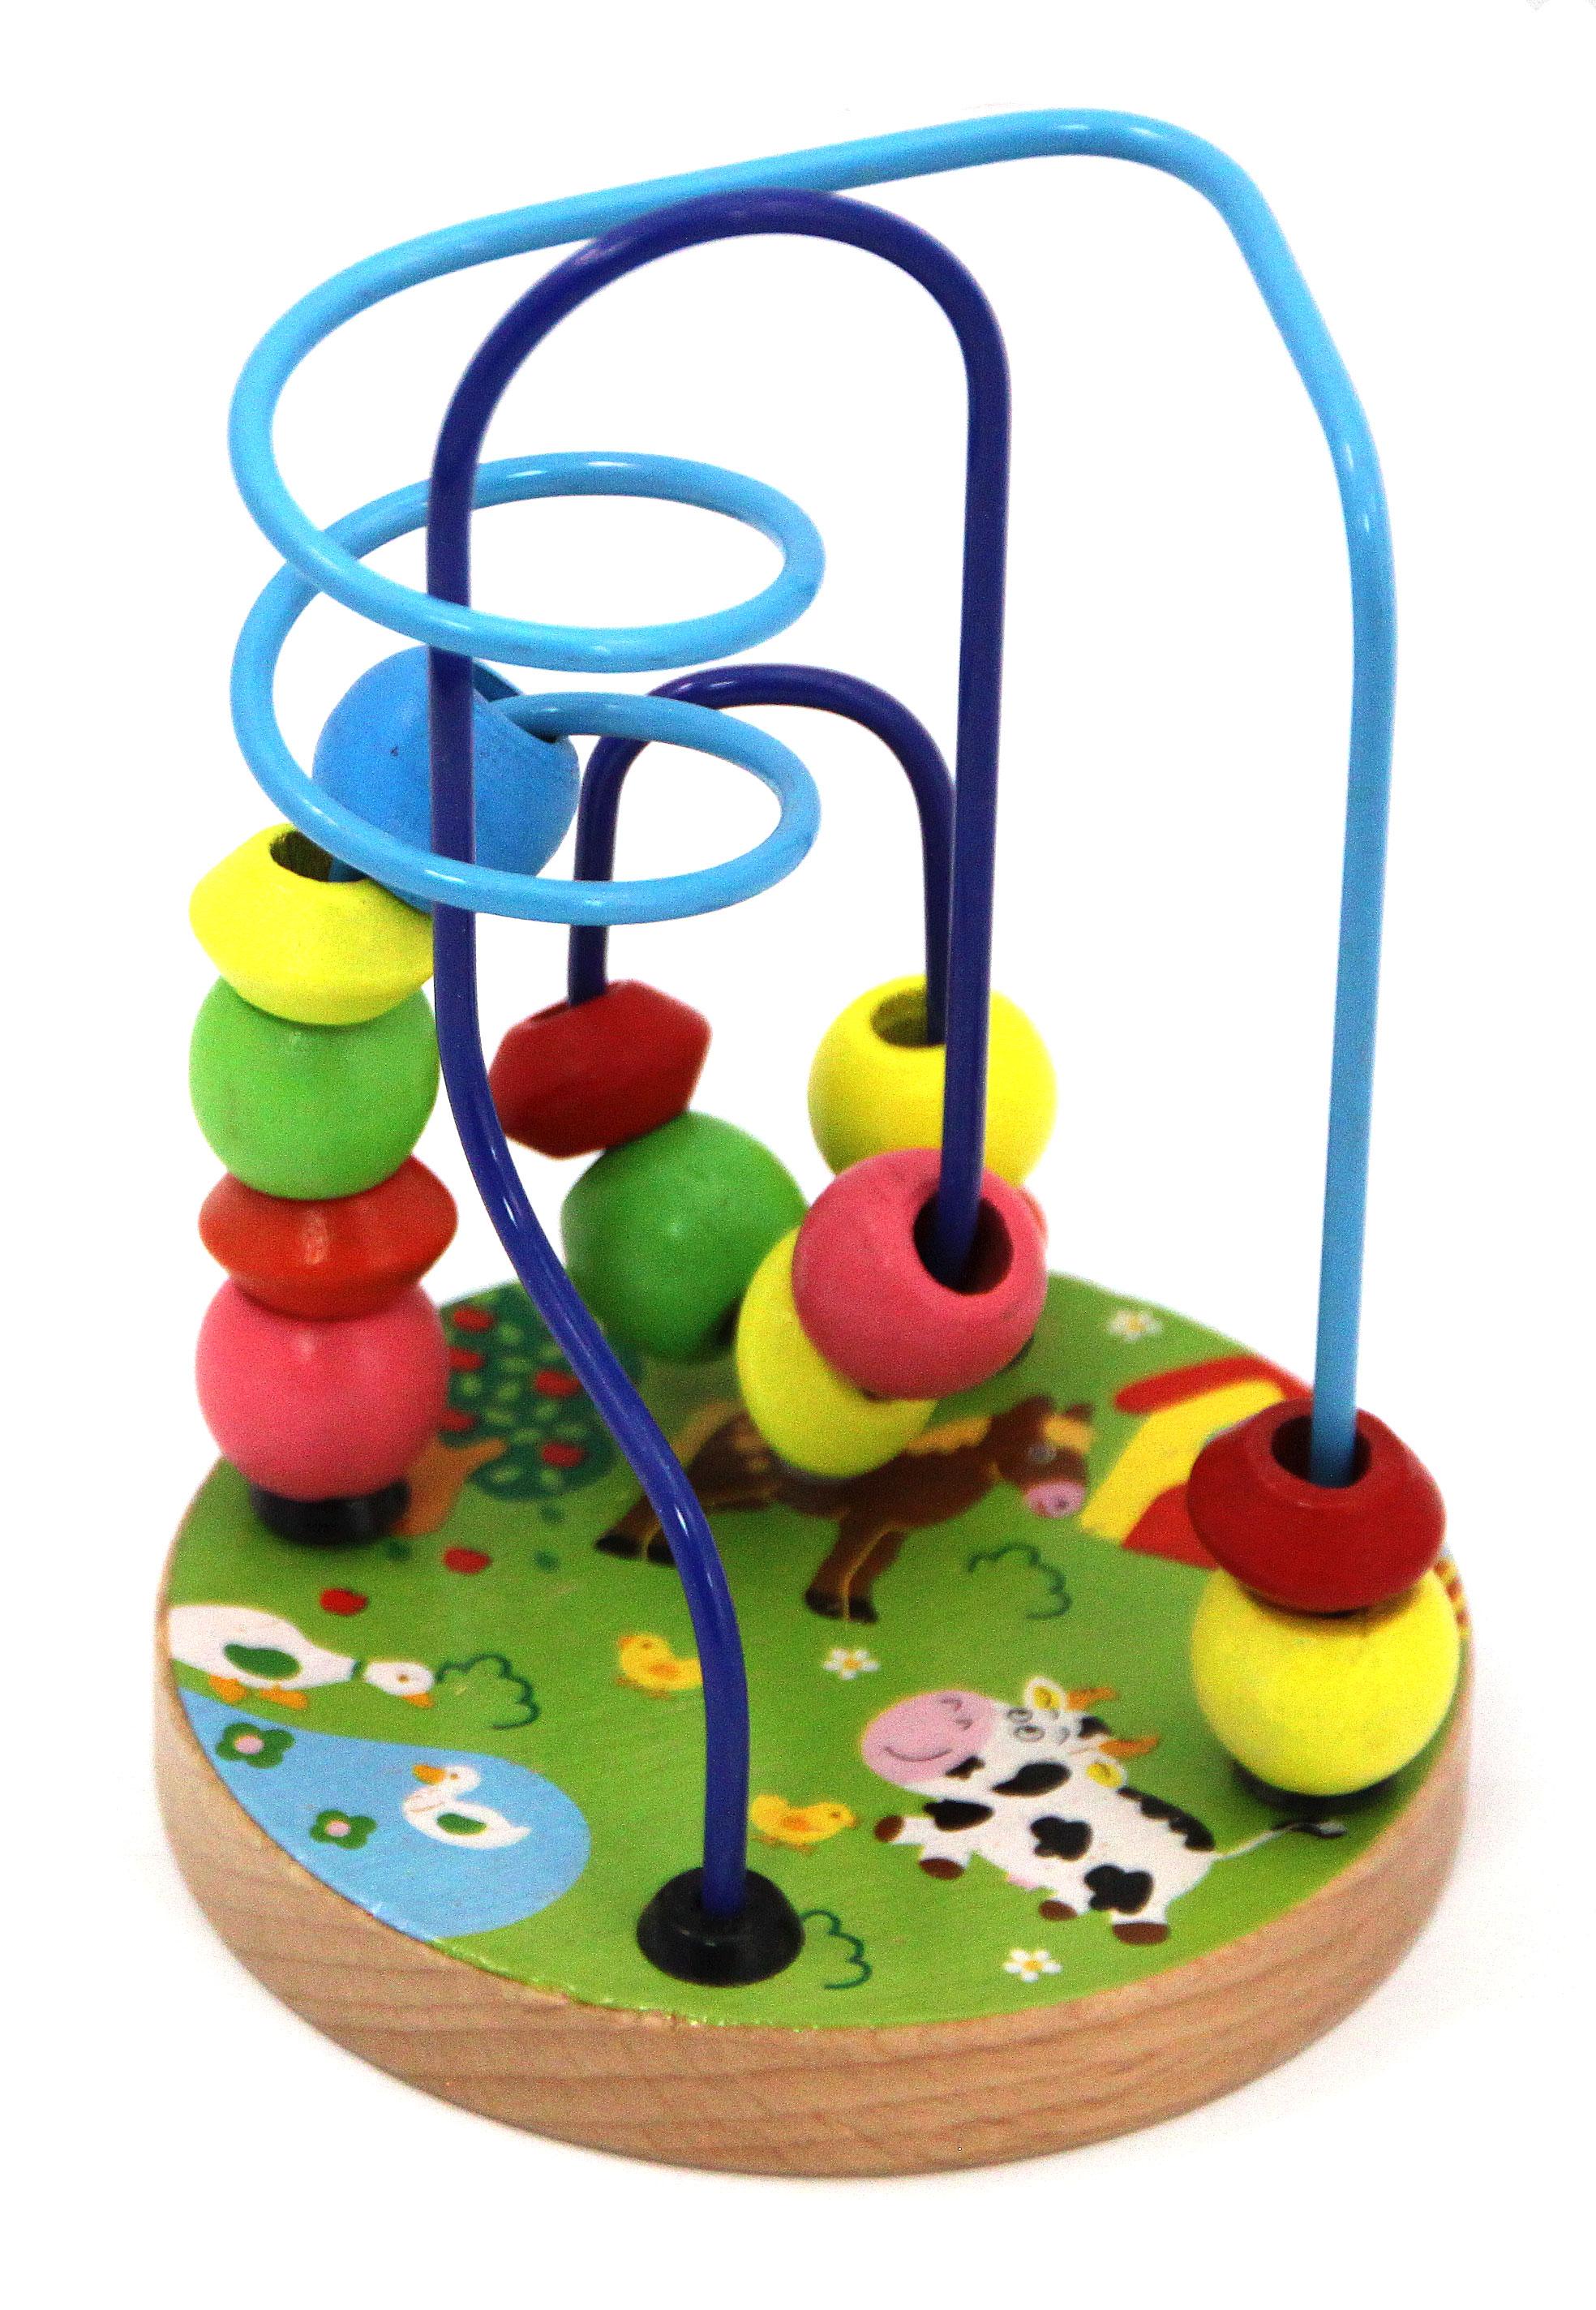 Деревянные игрушки База игрушек Лабиринт деревянный База игрушек в ассортименте деревянный лабиринт